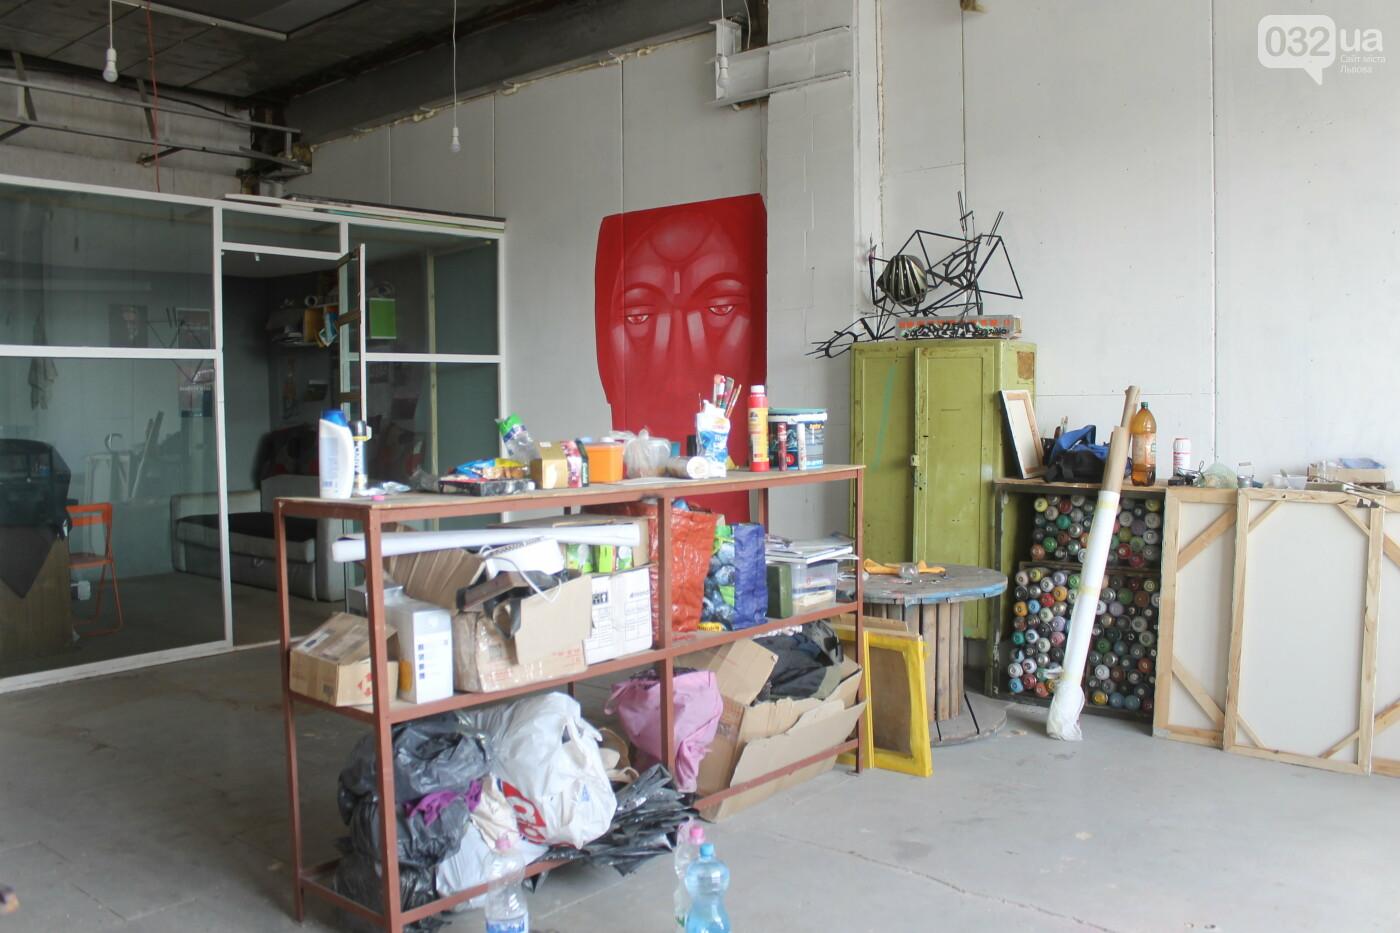 Один день із життя оновленого львівського заводу РЕМА, - ФОТОРЕПОРТАЖ, фото-55